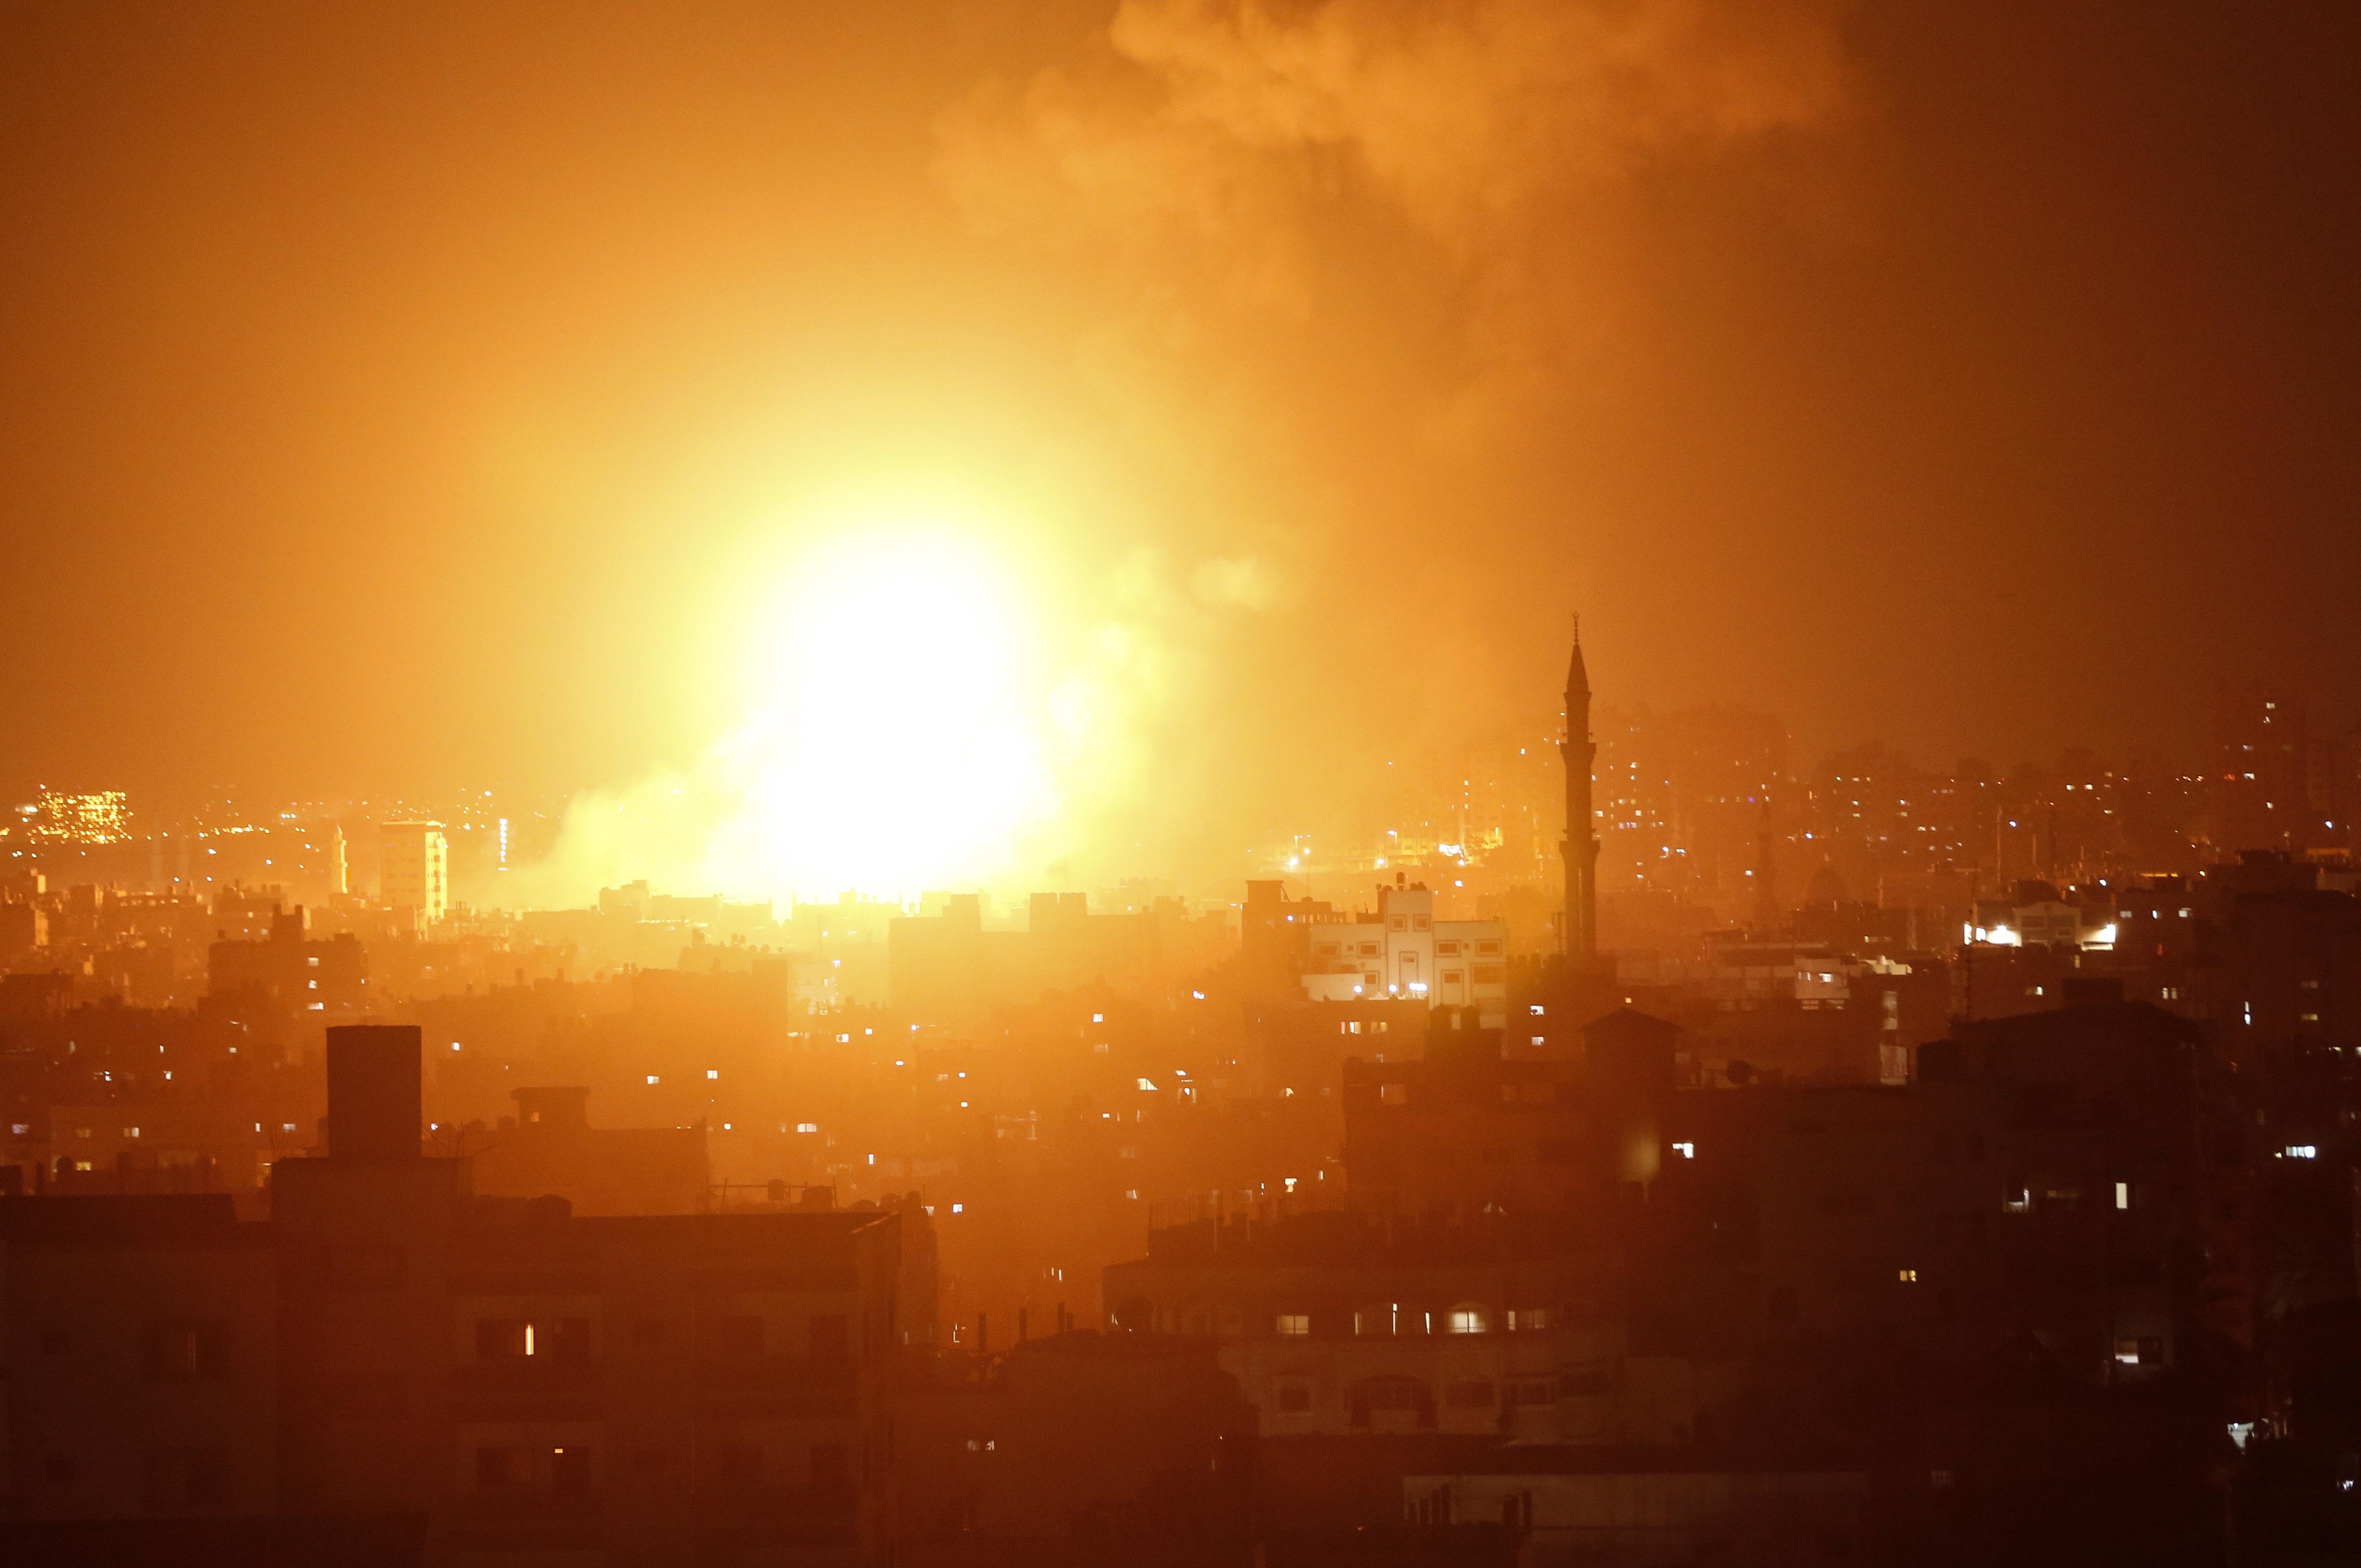 Ρουκέτες η Χαμάς, αεροπορική επιδρομή από το Ισραήλ στη Λωρίδα της Γάζας. Νεκρή μια έγκυος γυναίκα και...